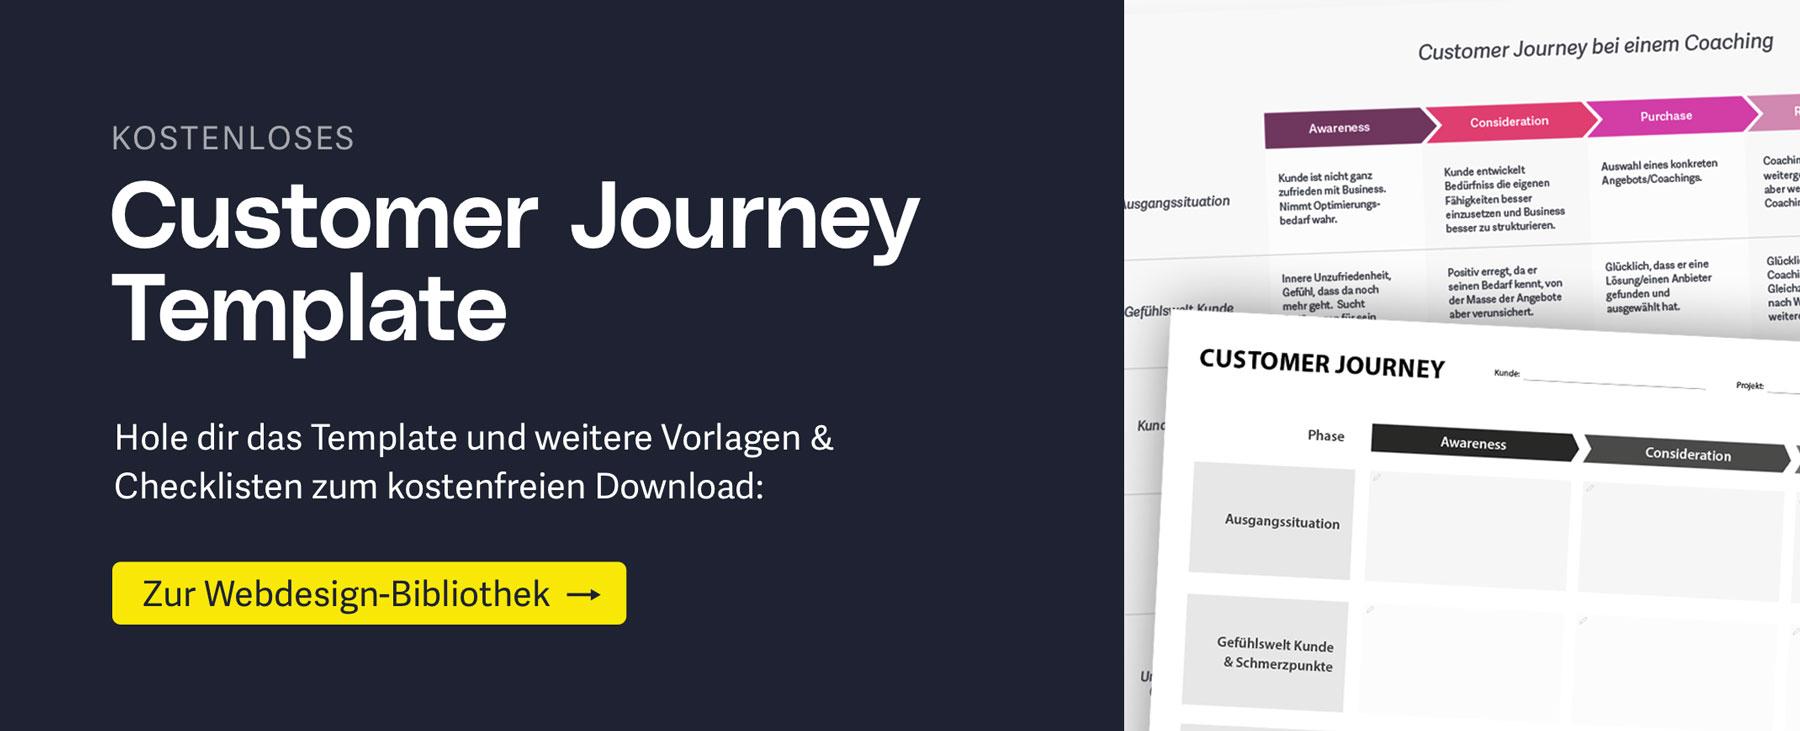 Customer Journey – Eine Anleitung für die Kundenreise mit dem Schwerpunkt Website 1